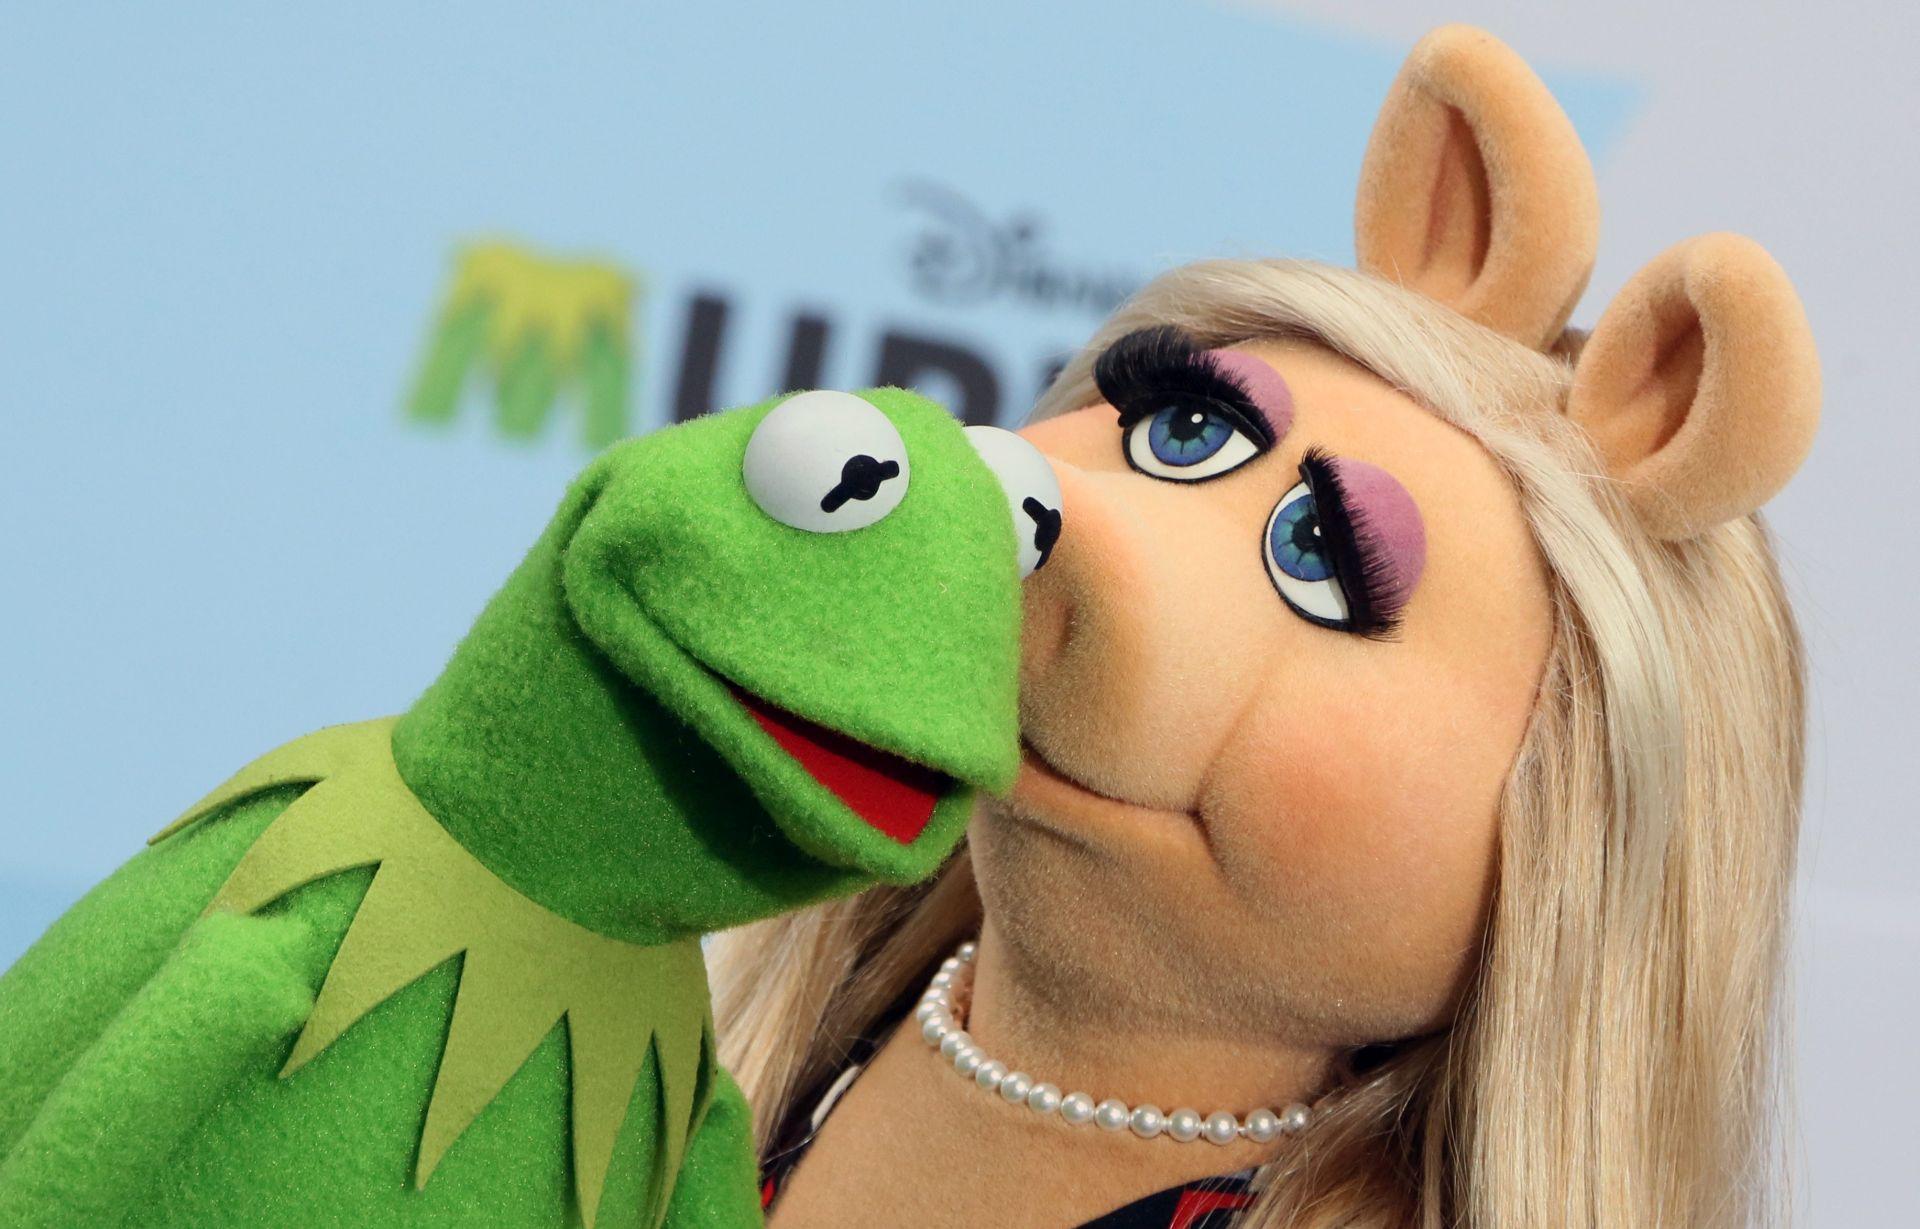 NIJE GUBIO VRIJEME NAKON RAZVODA OD MISS PIGGY Kermitova nova ljubav je svinja Denise